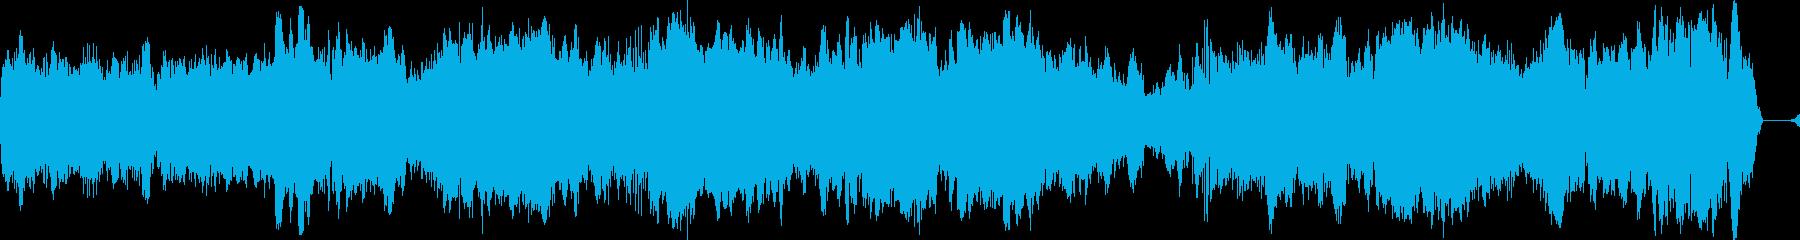 スノーモービルレースアラウンド、マ...の再生済みの波形